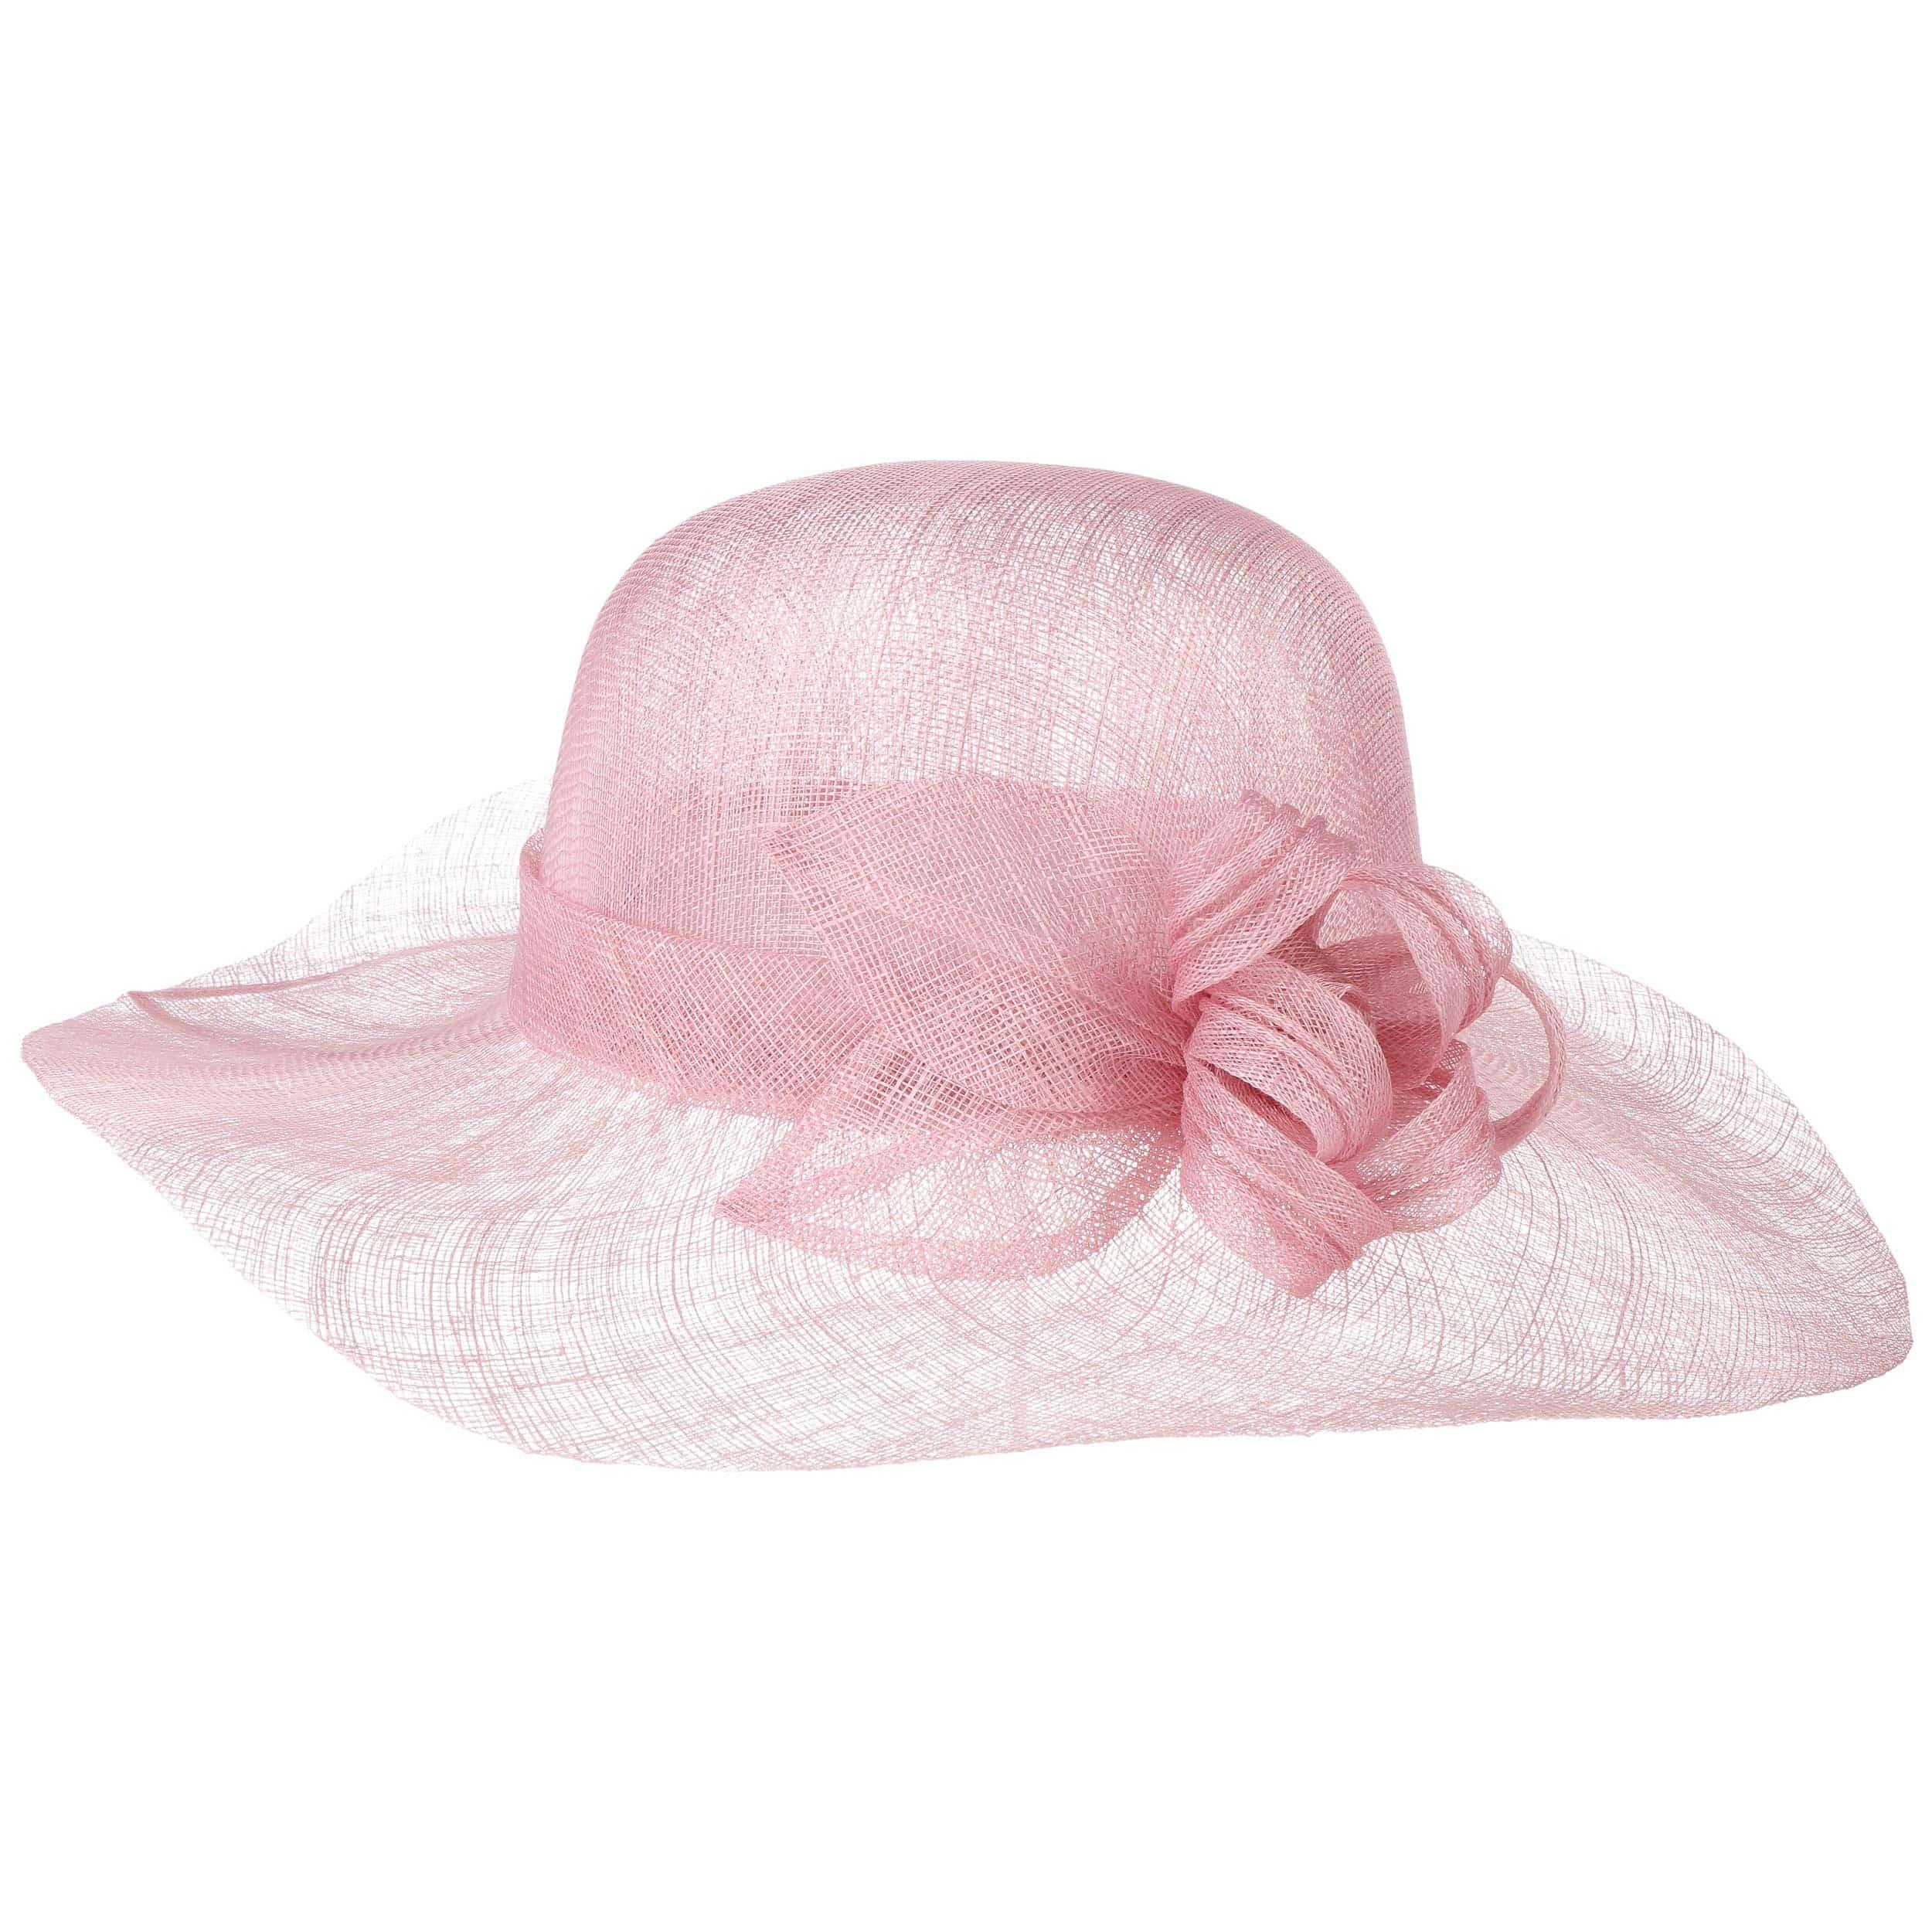 60d1c12f7c49e ... Chapeau pour Femme Matera Sinamay by Seeberger - rouge 5 ...